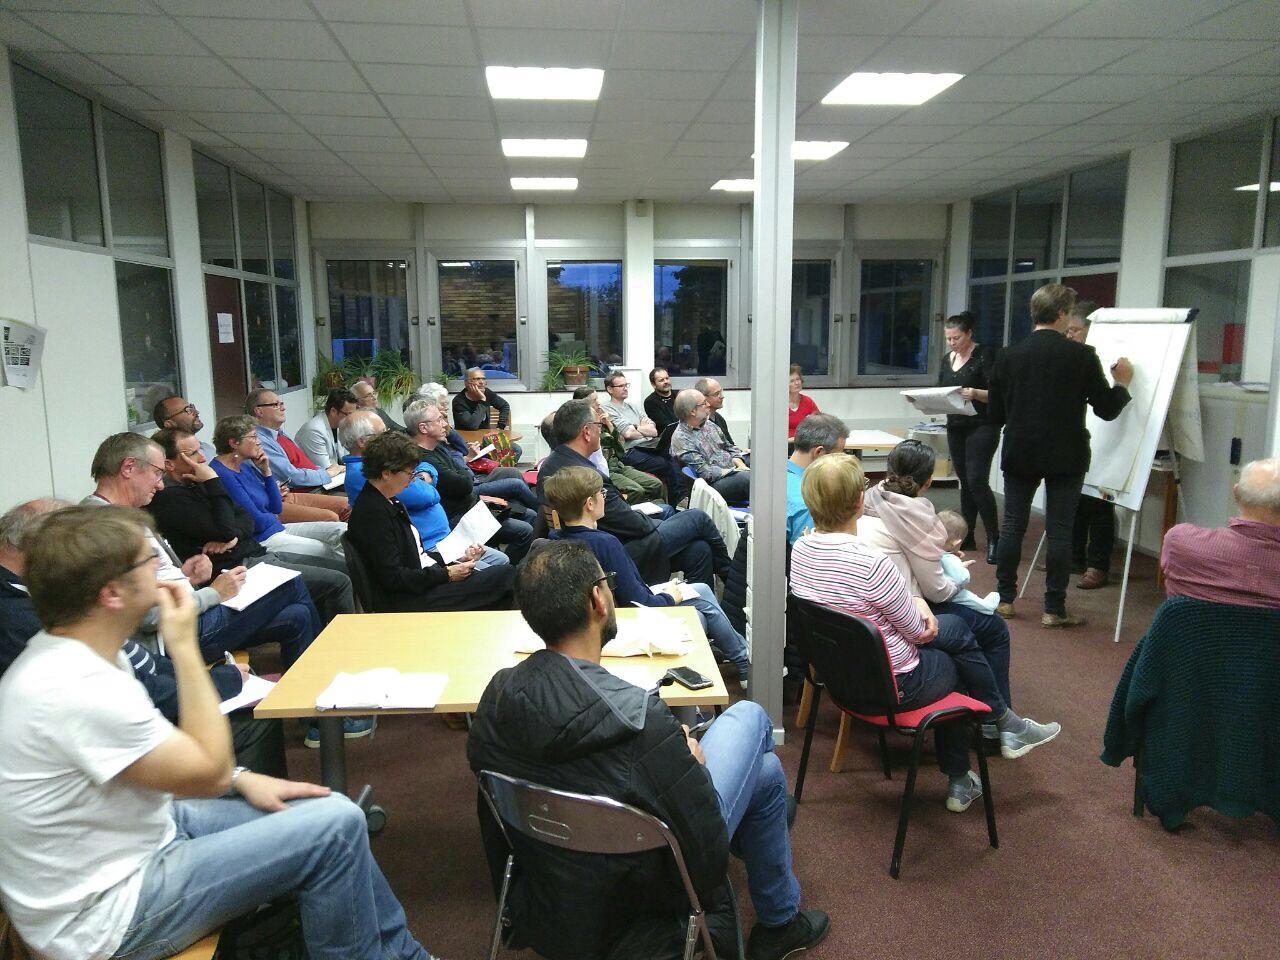 Yvan lubraneski a la Verrière conférence Participative atelier mouvement citoyen